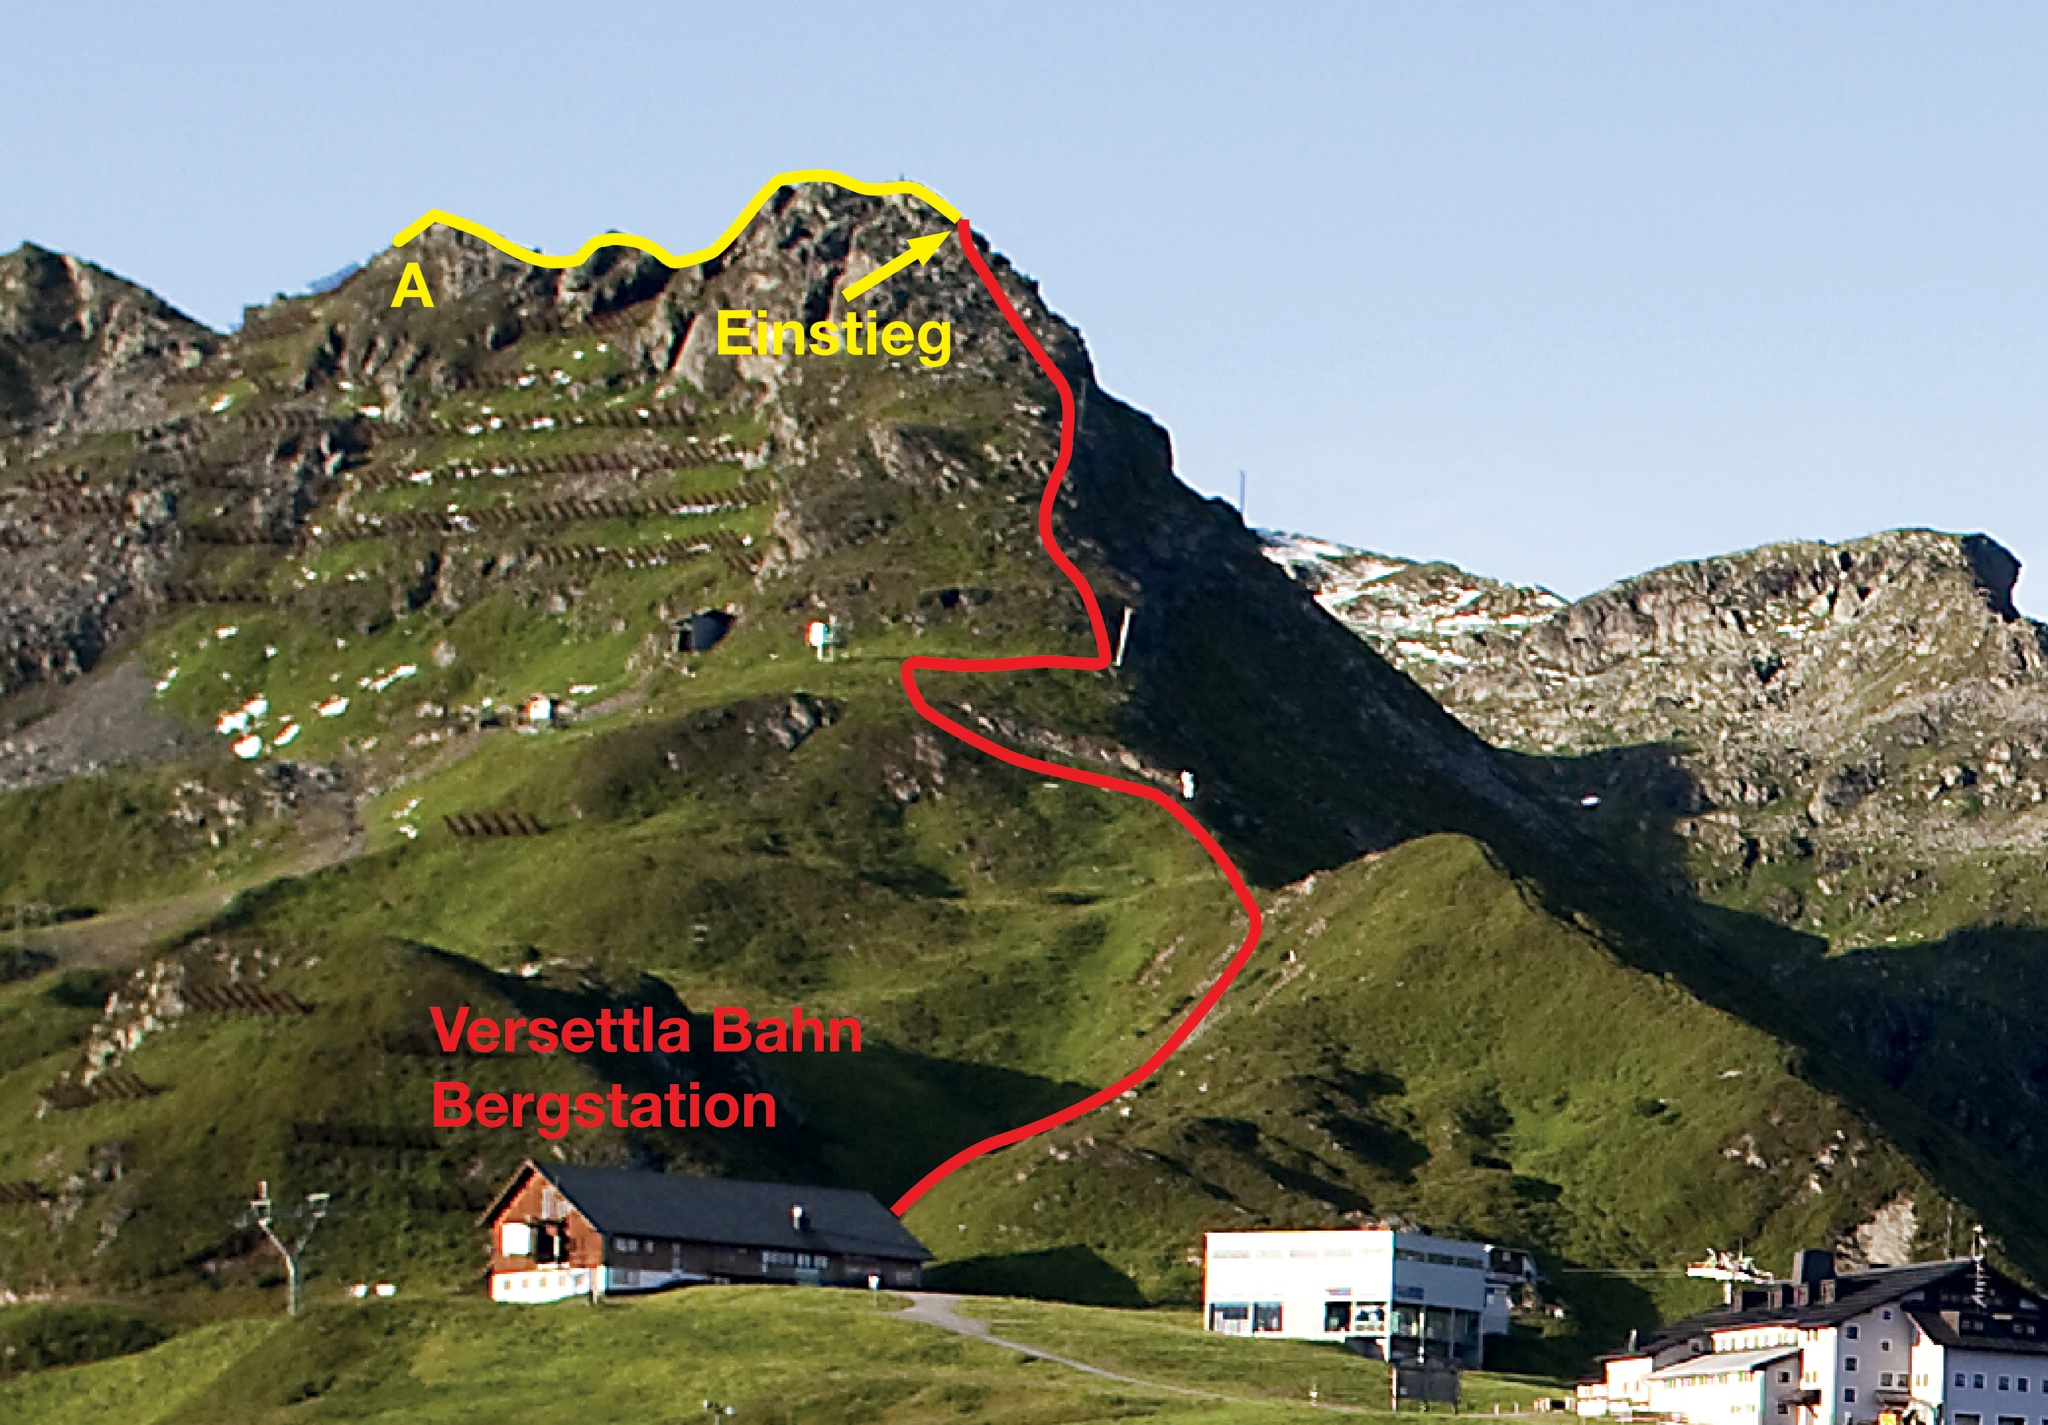 Klettersteig Burg : Klettersteig burg Österreichs wanderdörfer